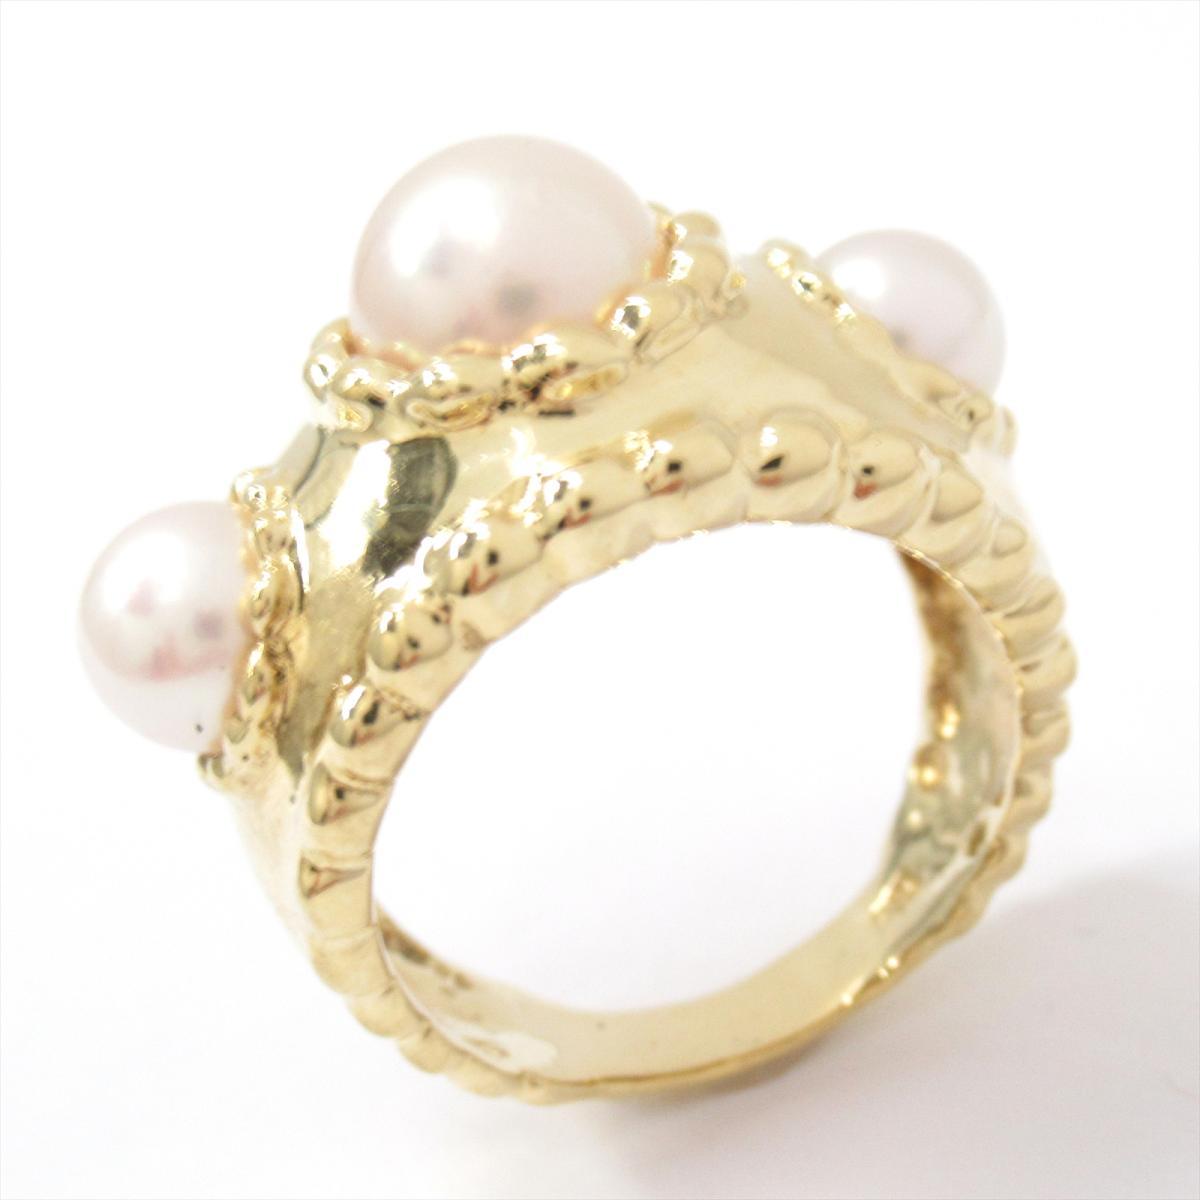 ジュエリー パール リング 指輪 ノーブランドジュエリー レディース K18YG750イエローゴールドxパール ホワイトtQshCrd